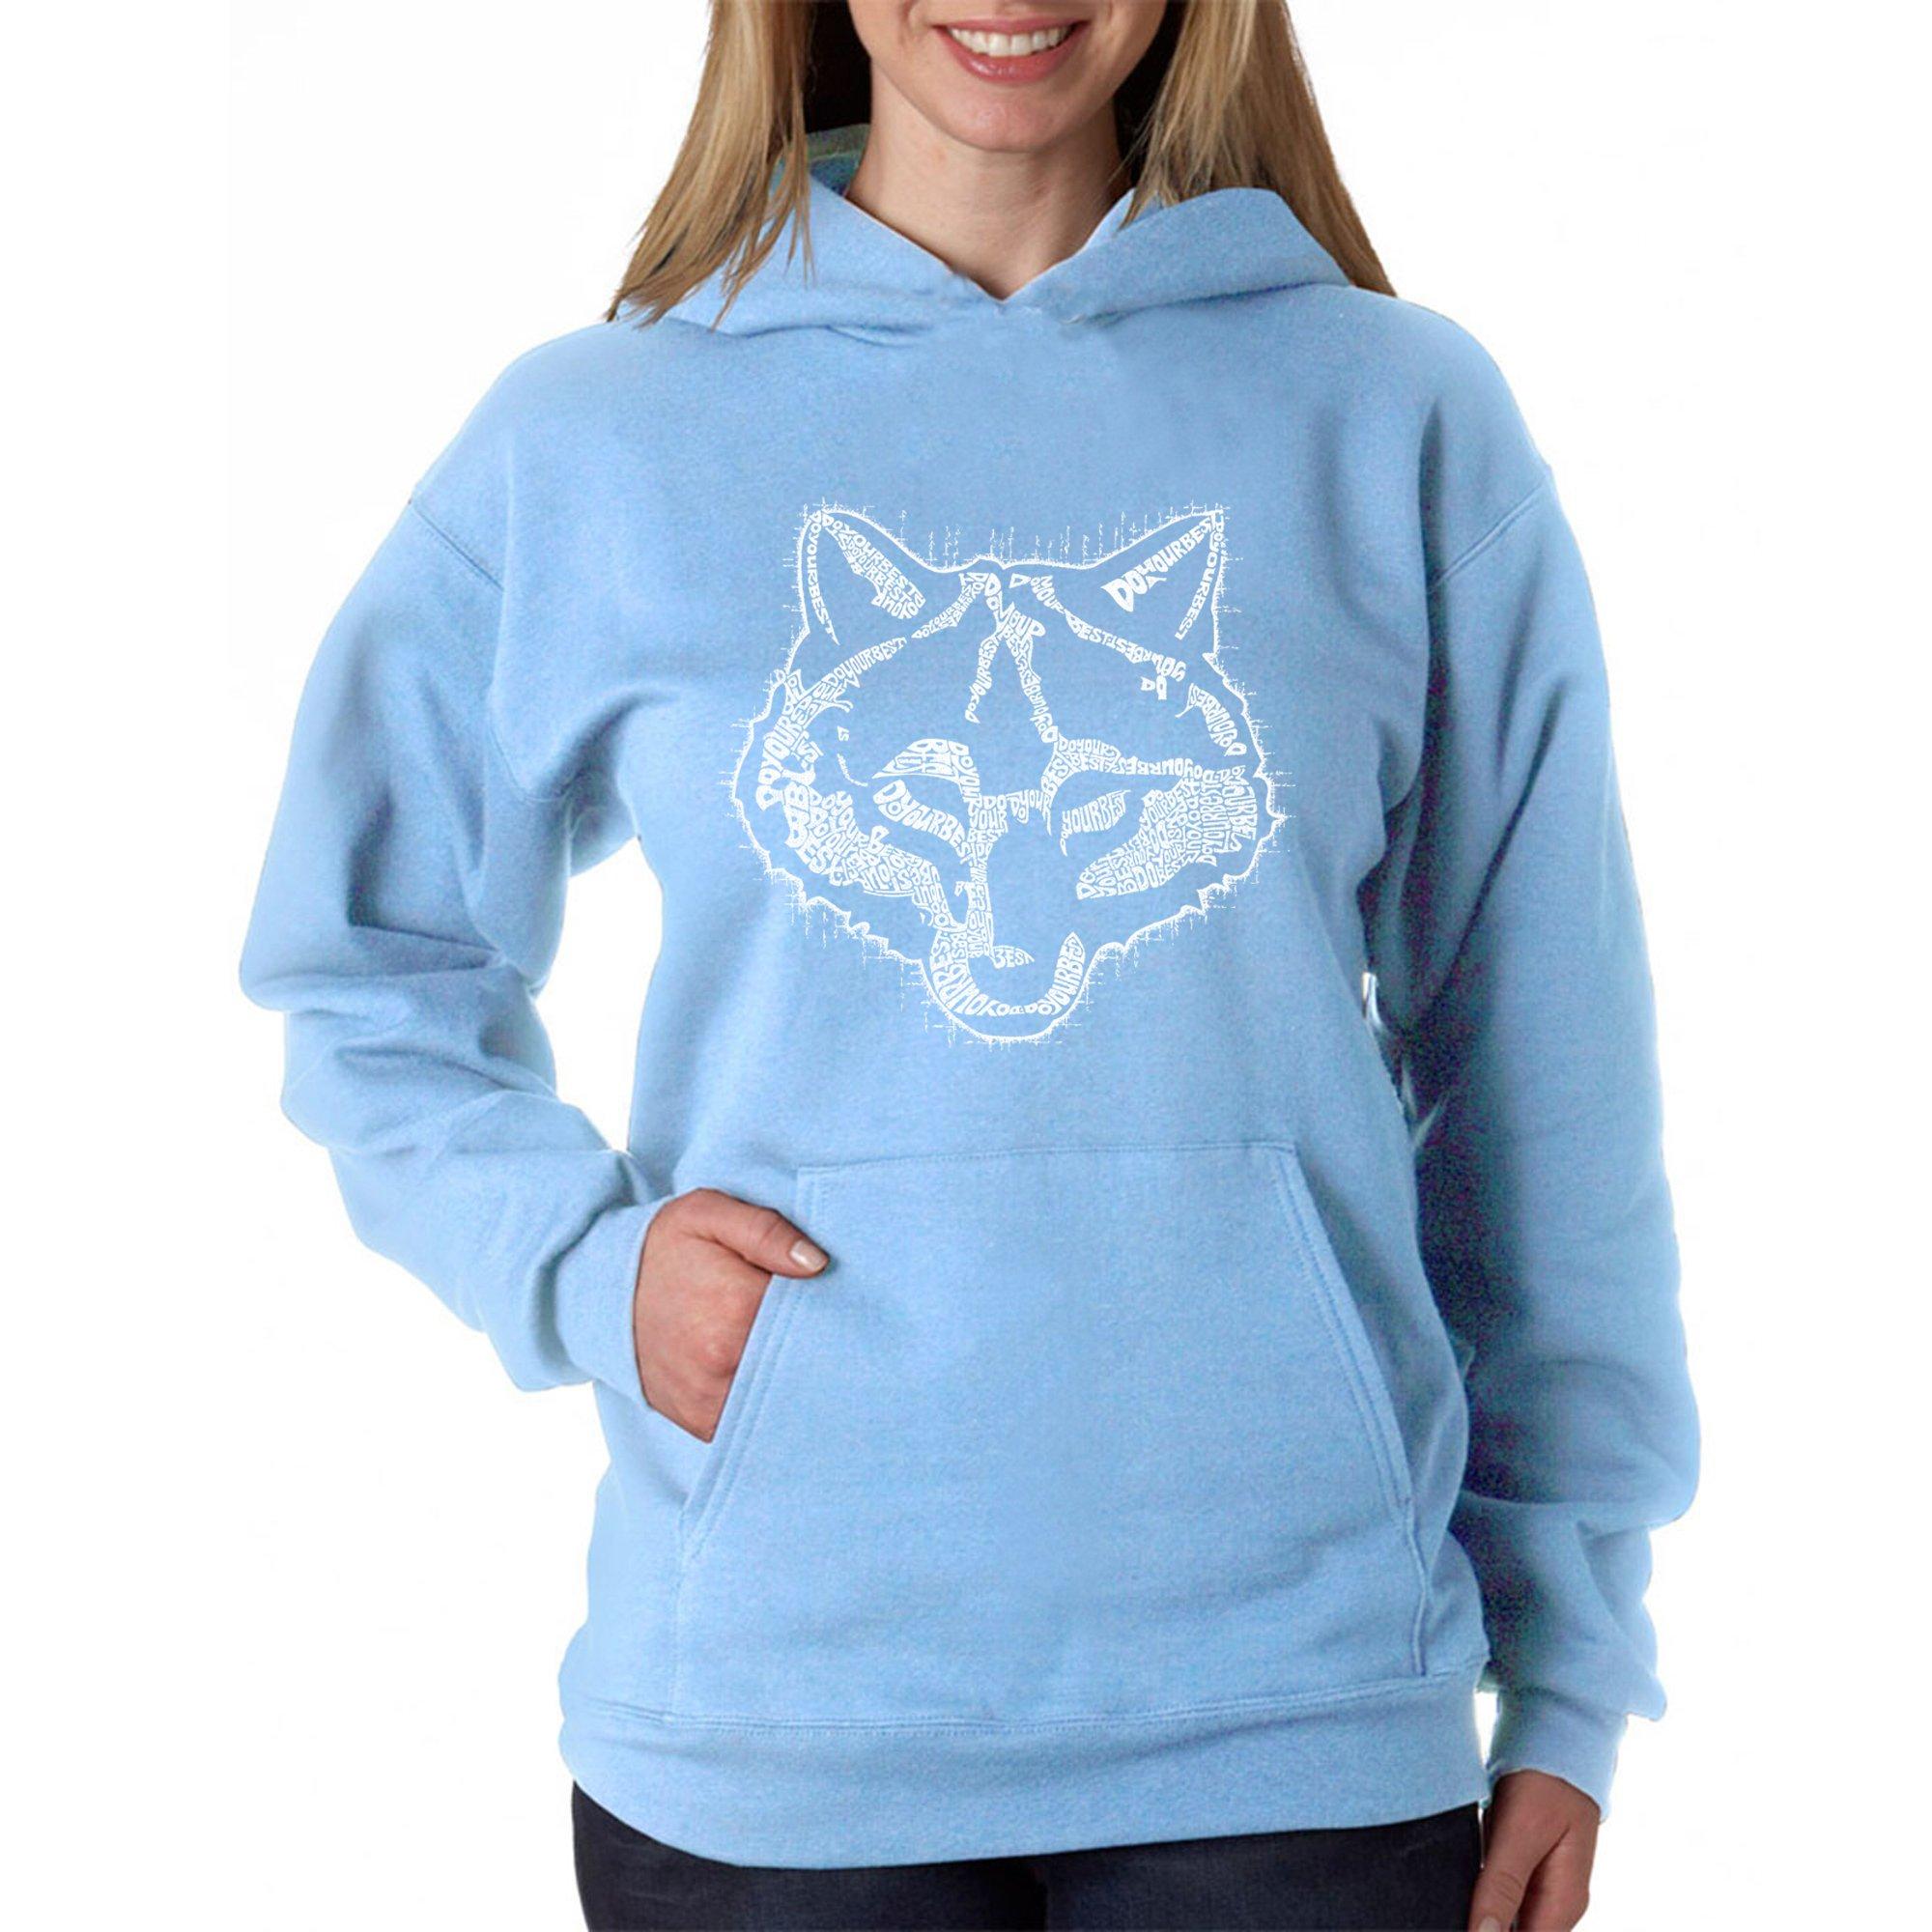 Women's Word Art Hooded Sweatshirt -Cub Scout- LA Pop Art Blue by Los Angeles Pop Art